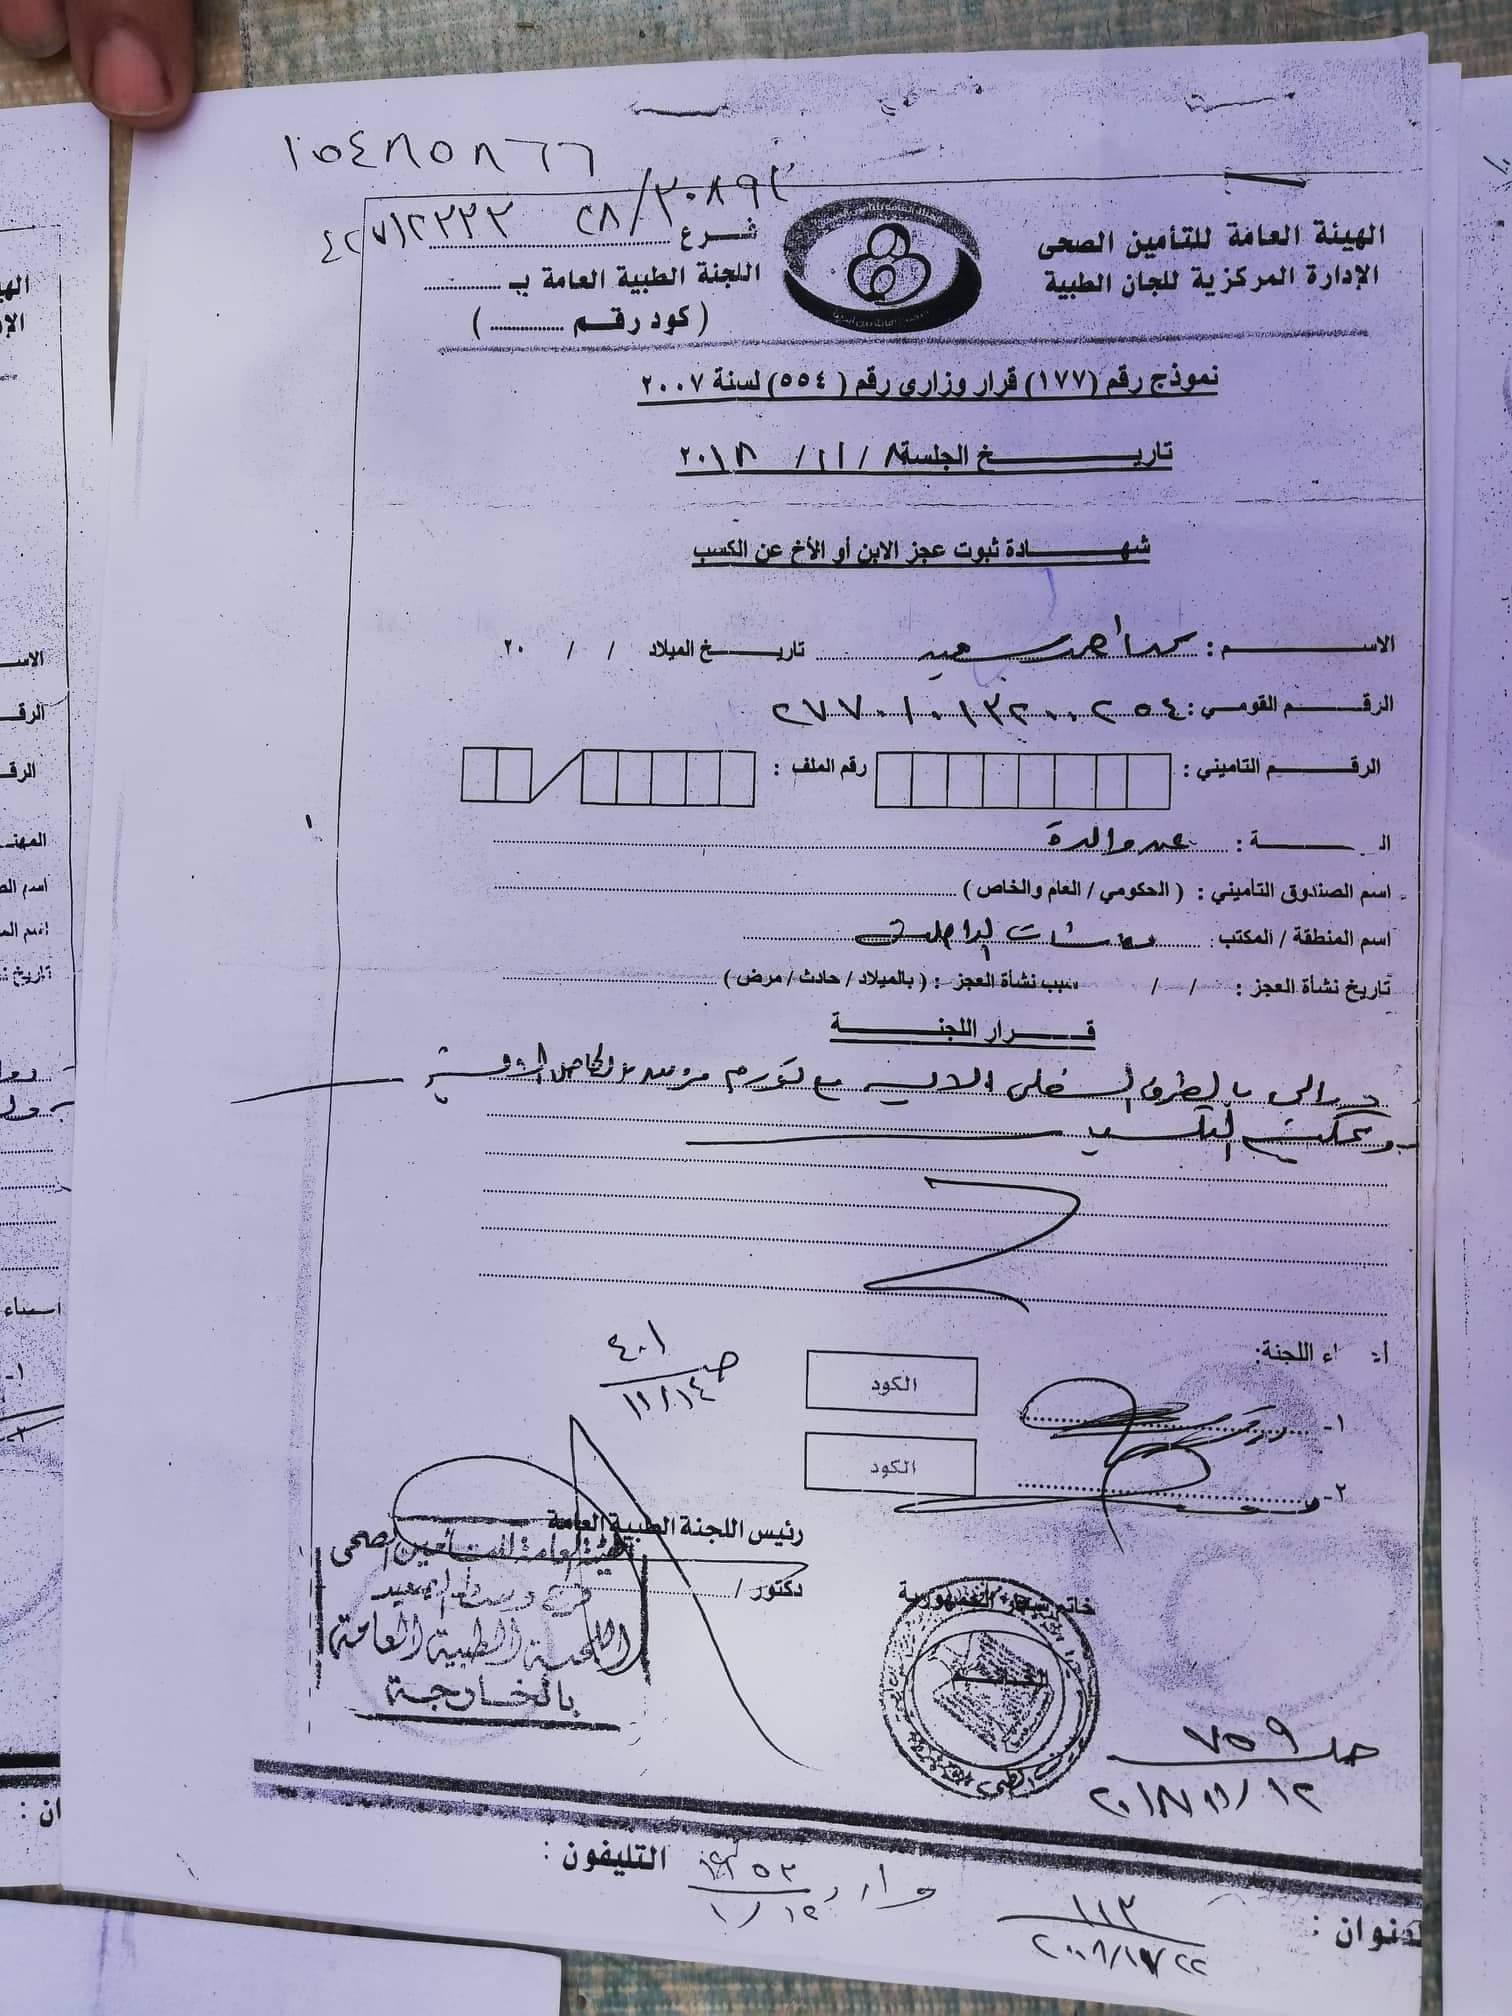 محمد أحمد سعيد شاب من أهالى مدينة موط بالداخلة (1)